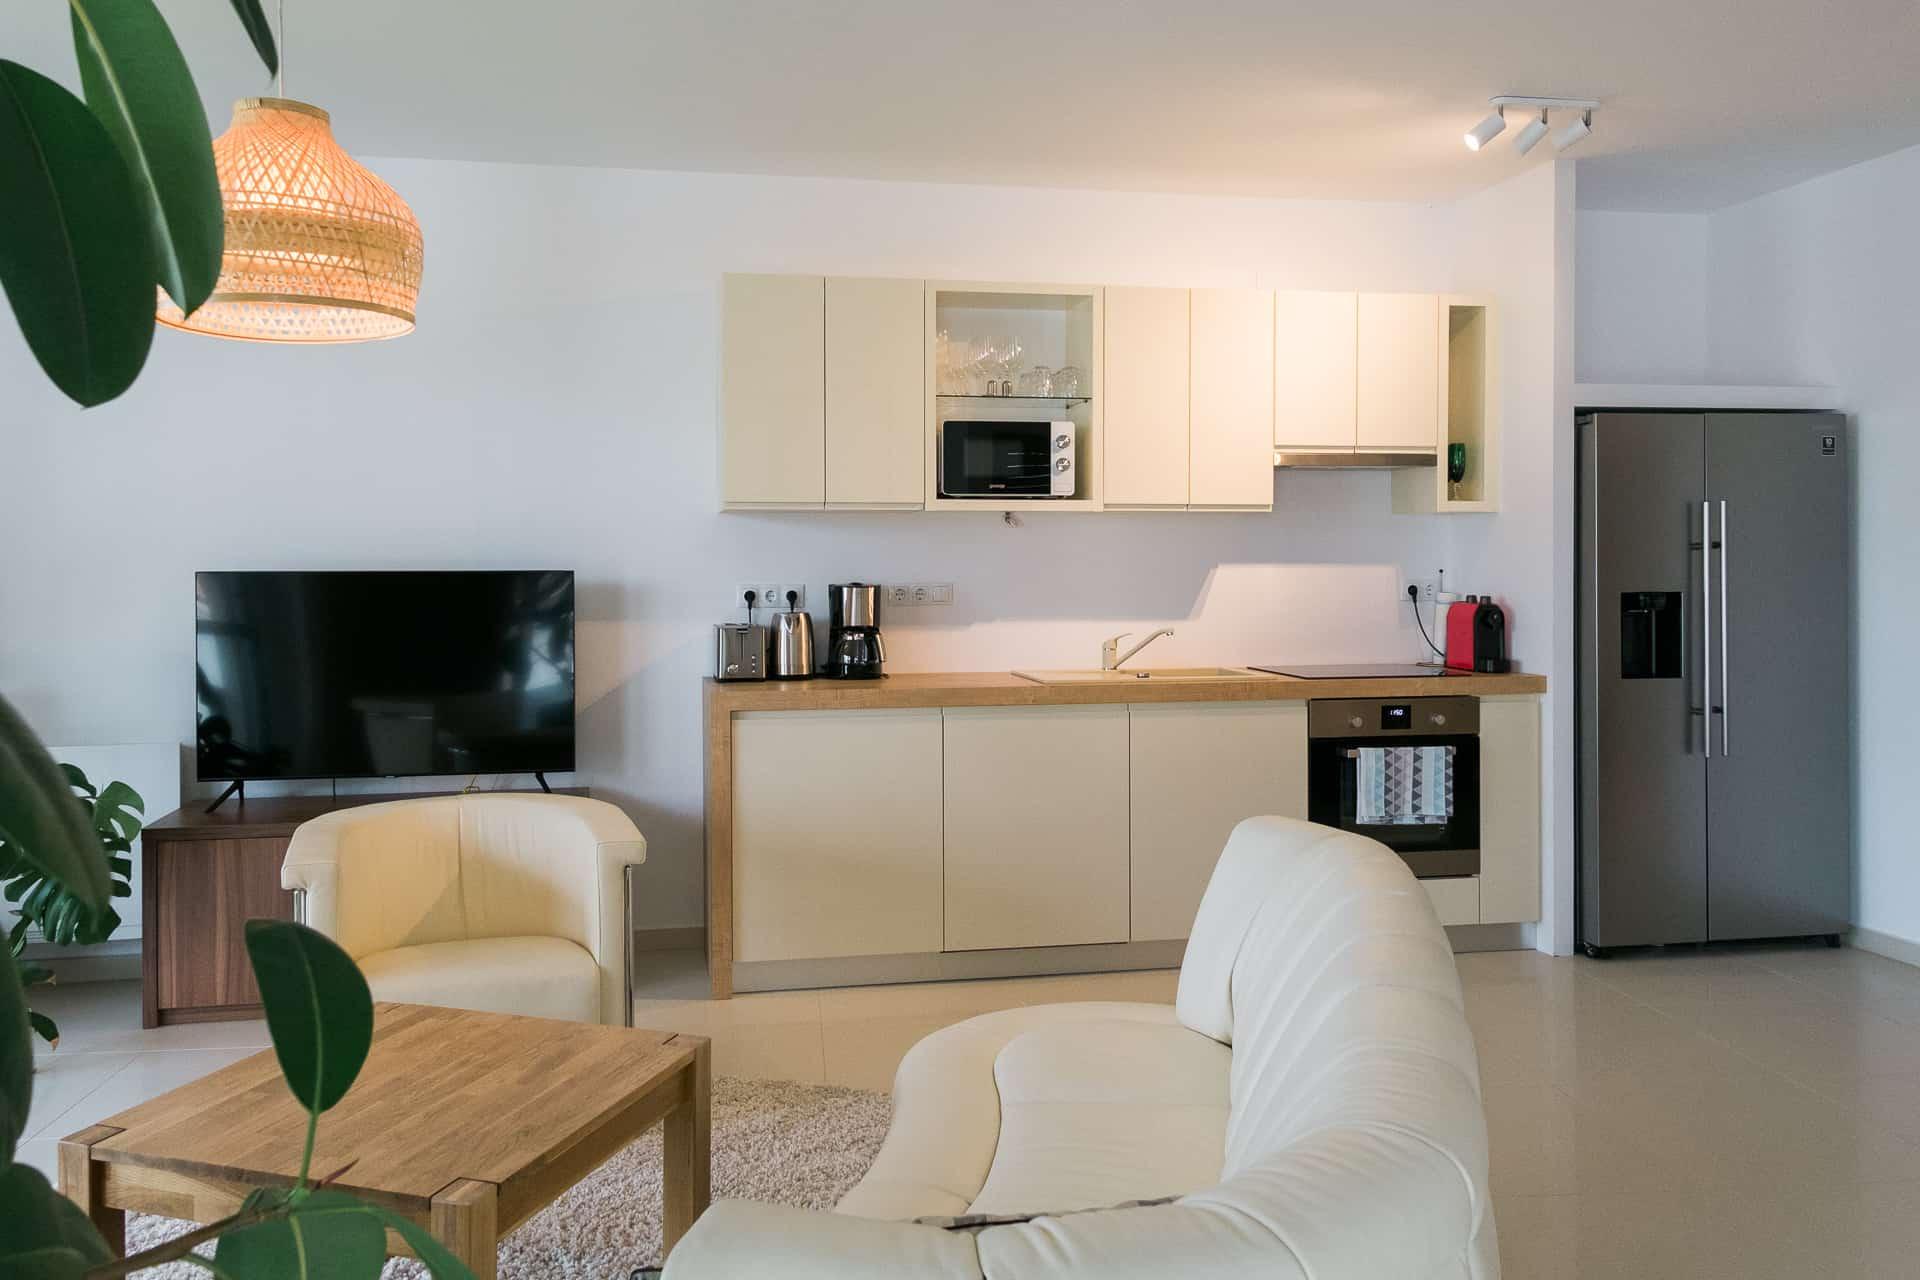 Vízparti balatoni panorámás Apartmanok Keszthely - nappali konyhával.